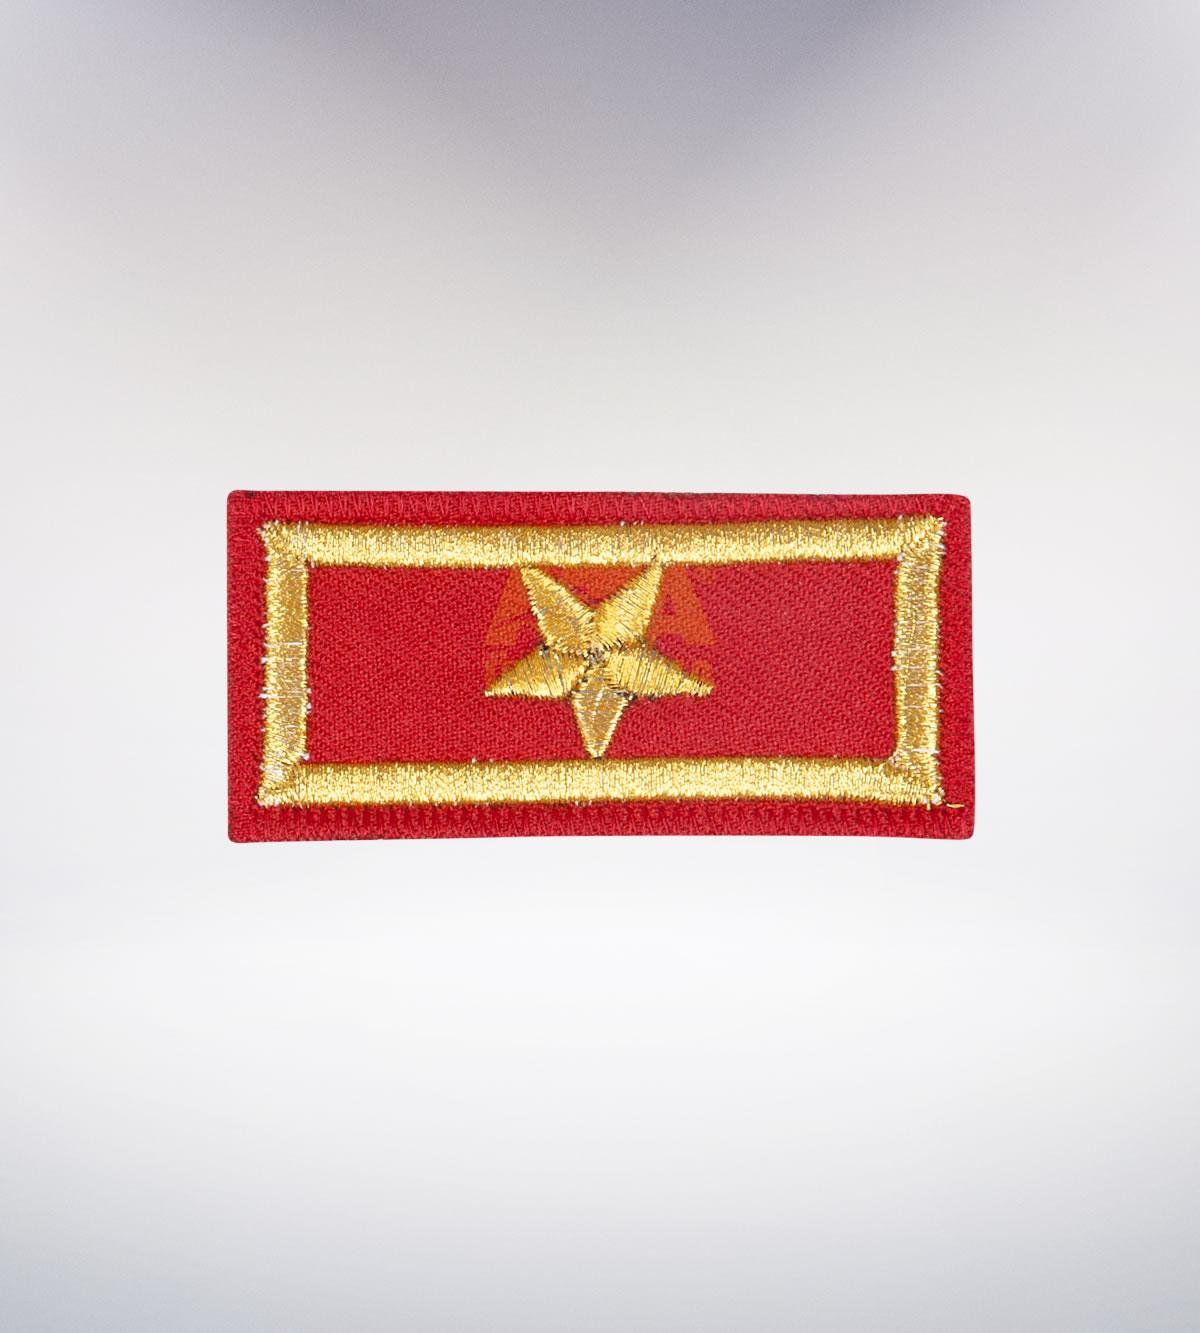 ATA-1027 İtfaiye nakışlı arma - itfaiye elbiseleri | itfaiye üniformaları | itfaiye kıyafetleri